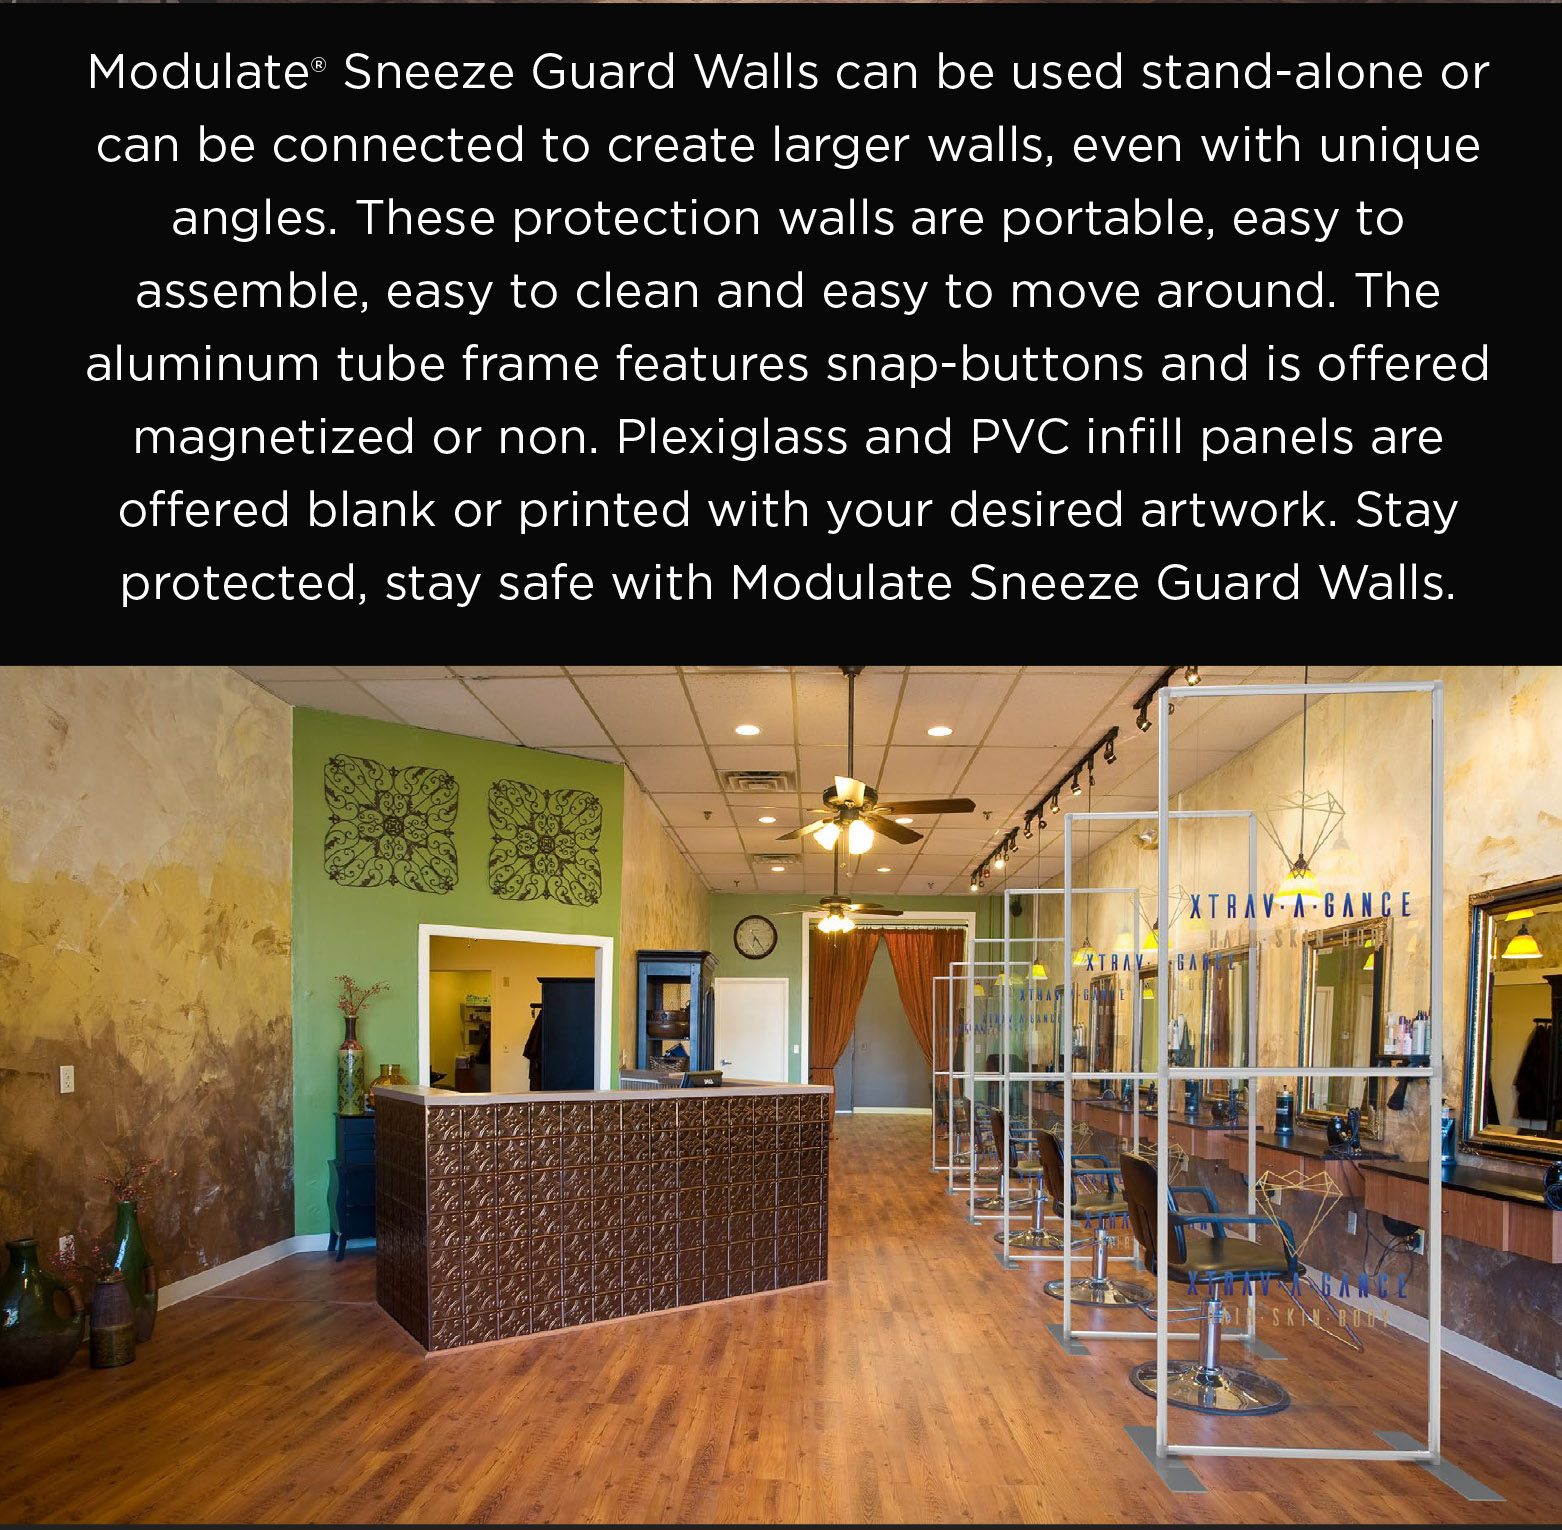 modulate-sneeze-guard-walls-2.jpg